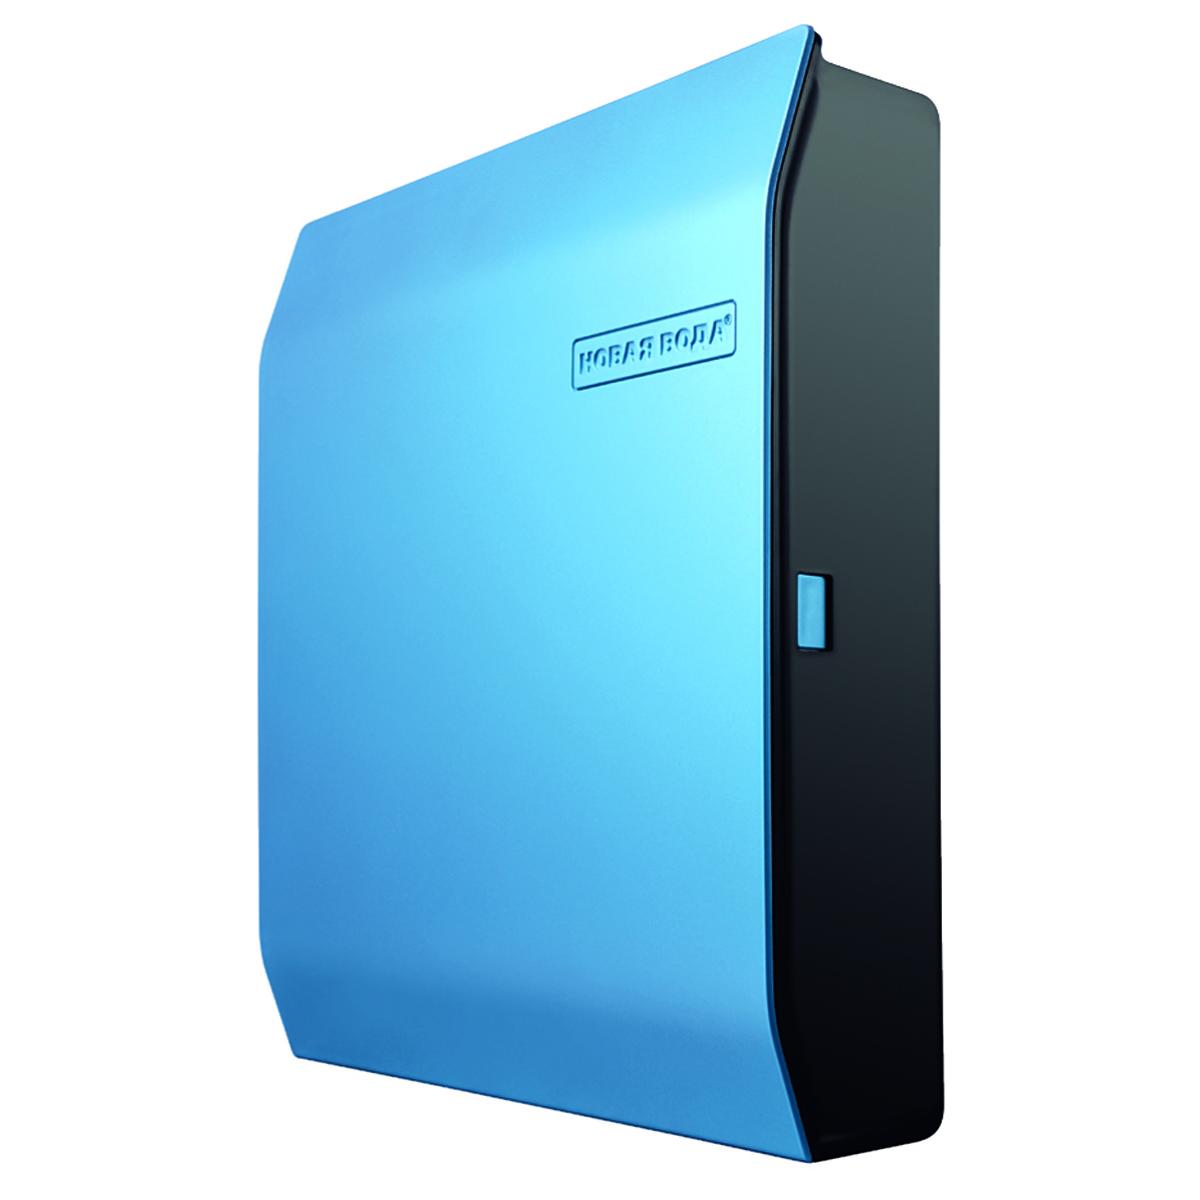 Фильтр для воды Prio Expert. M305, суперкомпактный 5-ого поколенияM305Тип фильтра: Система под мойку. Фильтры под мойку нового поколения Expert — настоящий прорыв в области очистки воды благодаря совершенному дизайну, быстросъемным картриджам и инновационным технологиям очистки воды.Многоступенчатые системы Expert занимают на 50% меньше места, чем традиционные системы, они имеют тонкий корпус — всего 8,5 см — и обладают ультрасовременным дизайном.Это позволяет:- разместить фильтр под мойкой, не занимая при этом много места- быть уверенным в том, что фильтр не будет поврежден при размещении под мойкой посуды и хоз.принадлежностей (например, мусорного ведра)- разместить фильтр на открытом пространстве над, либо рядом с мойкой, восхищая гостей превосходным дизайном системы и облегчая доступ к ней при смене картриджей- устанавливать фильтр горизонтально (например, закрепляя к верхней части шкафа под мойкой), делая его практически незаметнымПрименение: очистка от механических примесей (ржавчины, ила, песка и т.п.), растворенных примесей, таких как свободного хлора, хлорорганических соединений, пестицидов, гербицидов, сельскохозяйственных удобрений и продуктов их распада, фенолов, нефтепродуктов, алюминия, тяжелых металлов, радиоактивных элементов, солей жесткости и иных органических и неорганических веществ.Использование: Для регионов с водой, характеризующейся нормальным и повышенным содержанием солей жесткости.Эксклюзивная разработка Prio, не имеющая аналогов - использование уникальных картриджей:-отсутствиеголовы, в которой в процессе многолетней эксплуатации могут скапливаться загрязнение - гарантирует Вам кристально чистую воду даже через 10 лет эксплуатации- только у фильтров Expert картриджи имеют вход и выход на противоположных концах картриджа - вкупе с фирменной технологией Invortex (движение воды внутри фильтра по спирали) это не только повышает качество очистки, но и увеличивает ресурс картриджа до 2х раз по сравнению с традиционными системами- используемые к